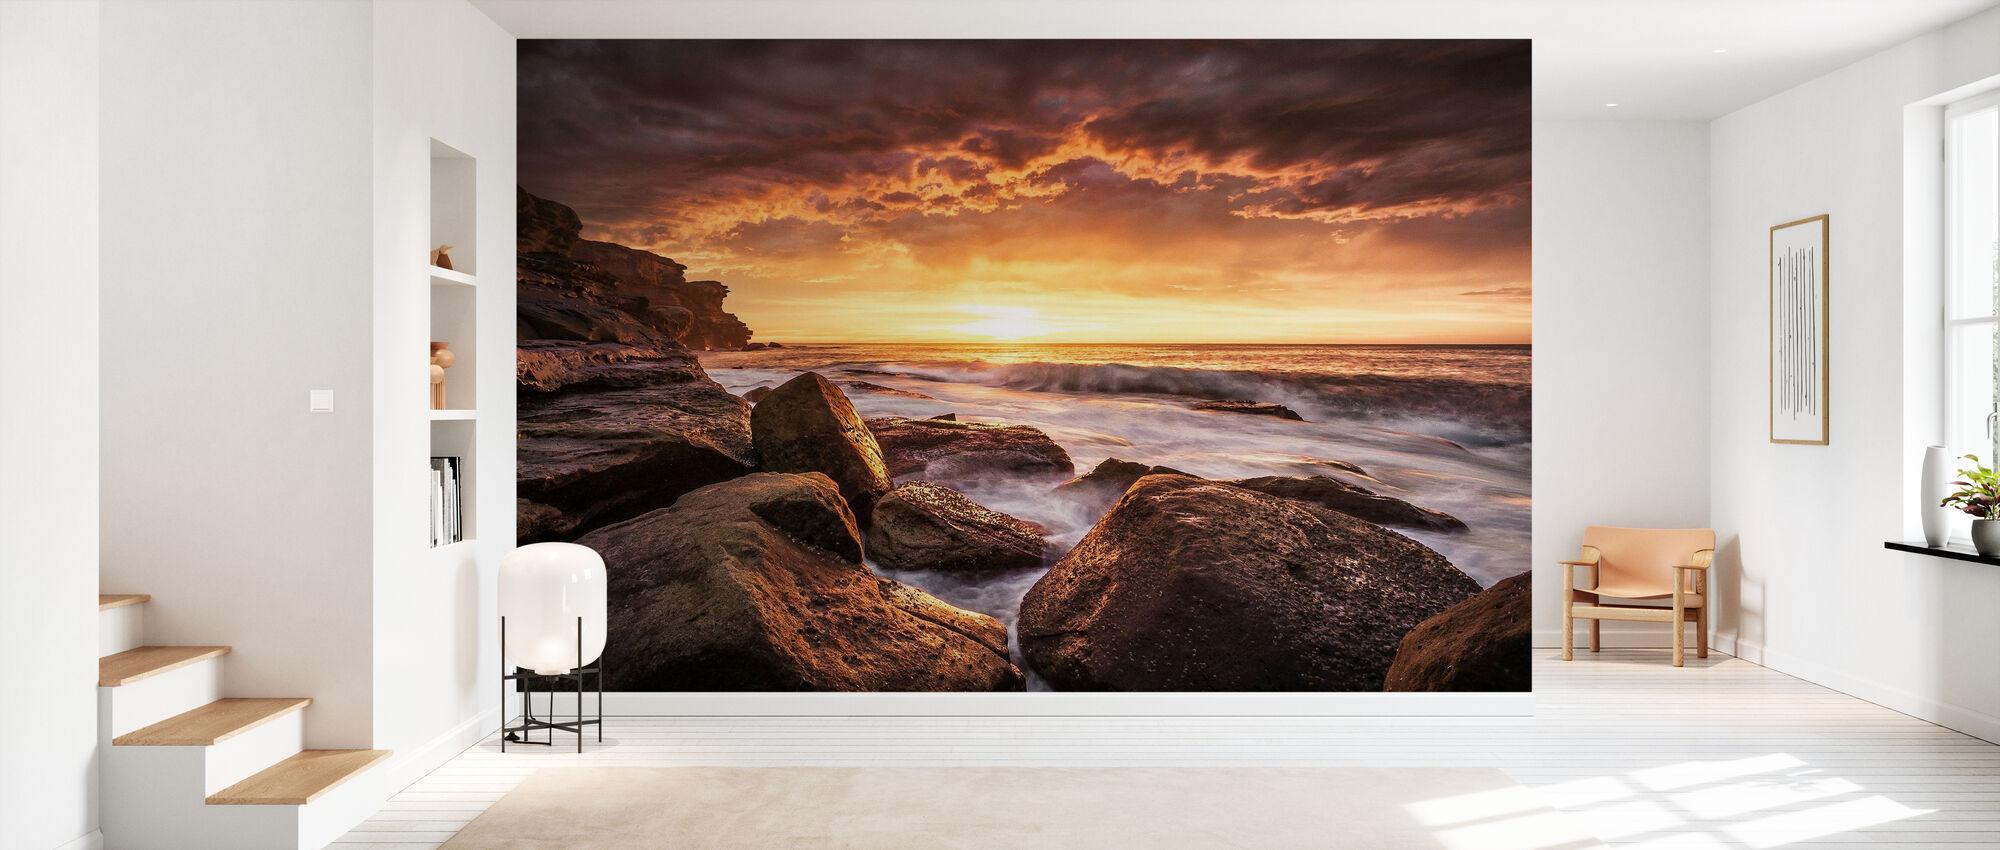 Cape Solander - Wallpaper - Hallway